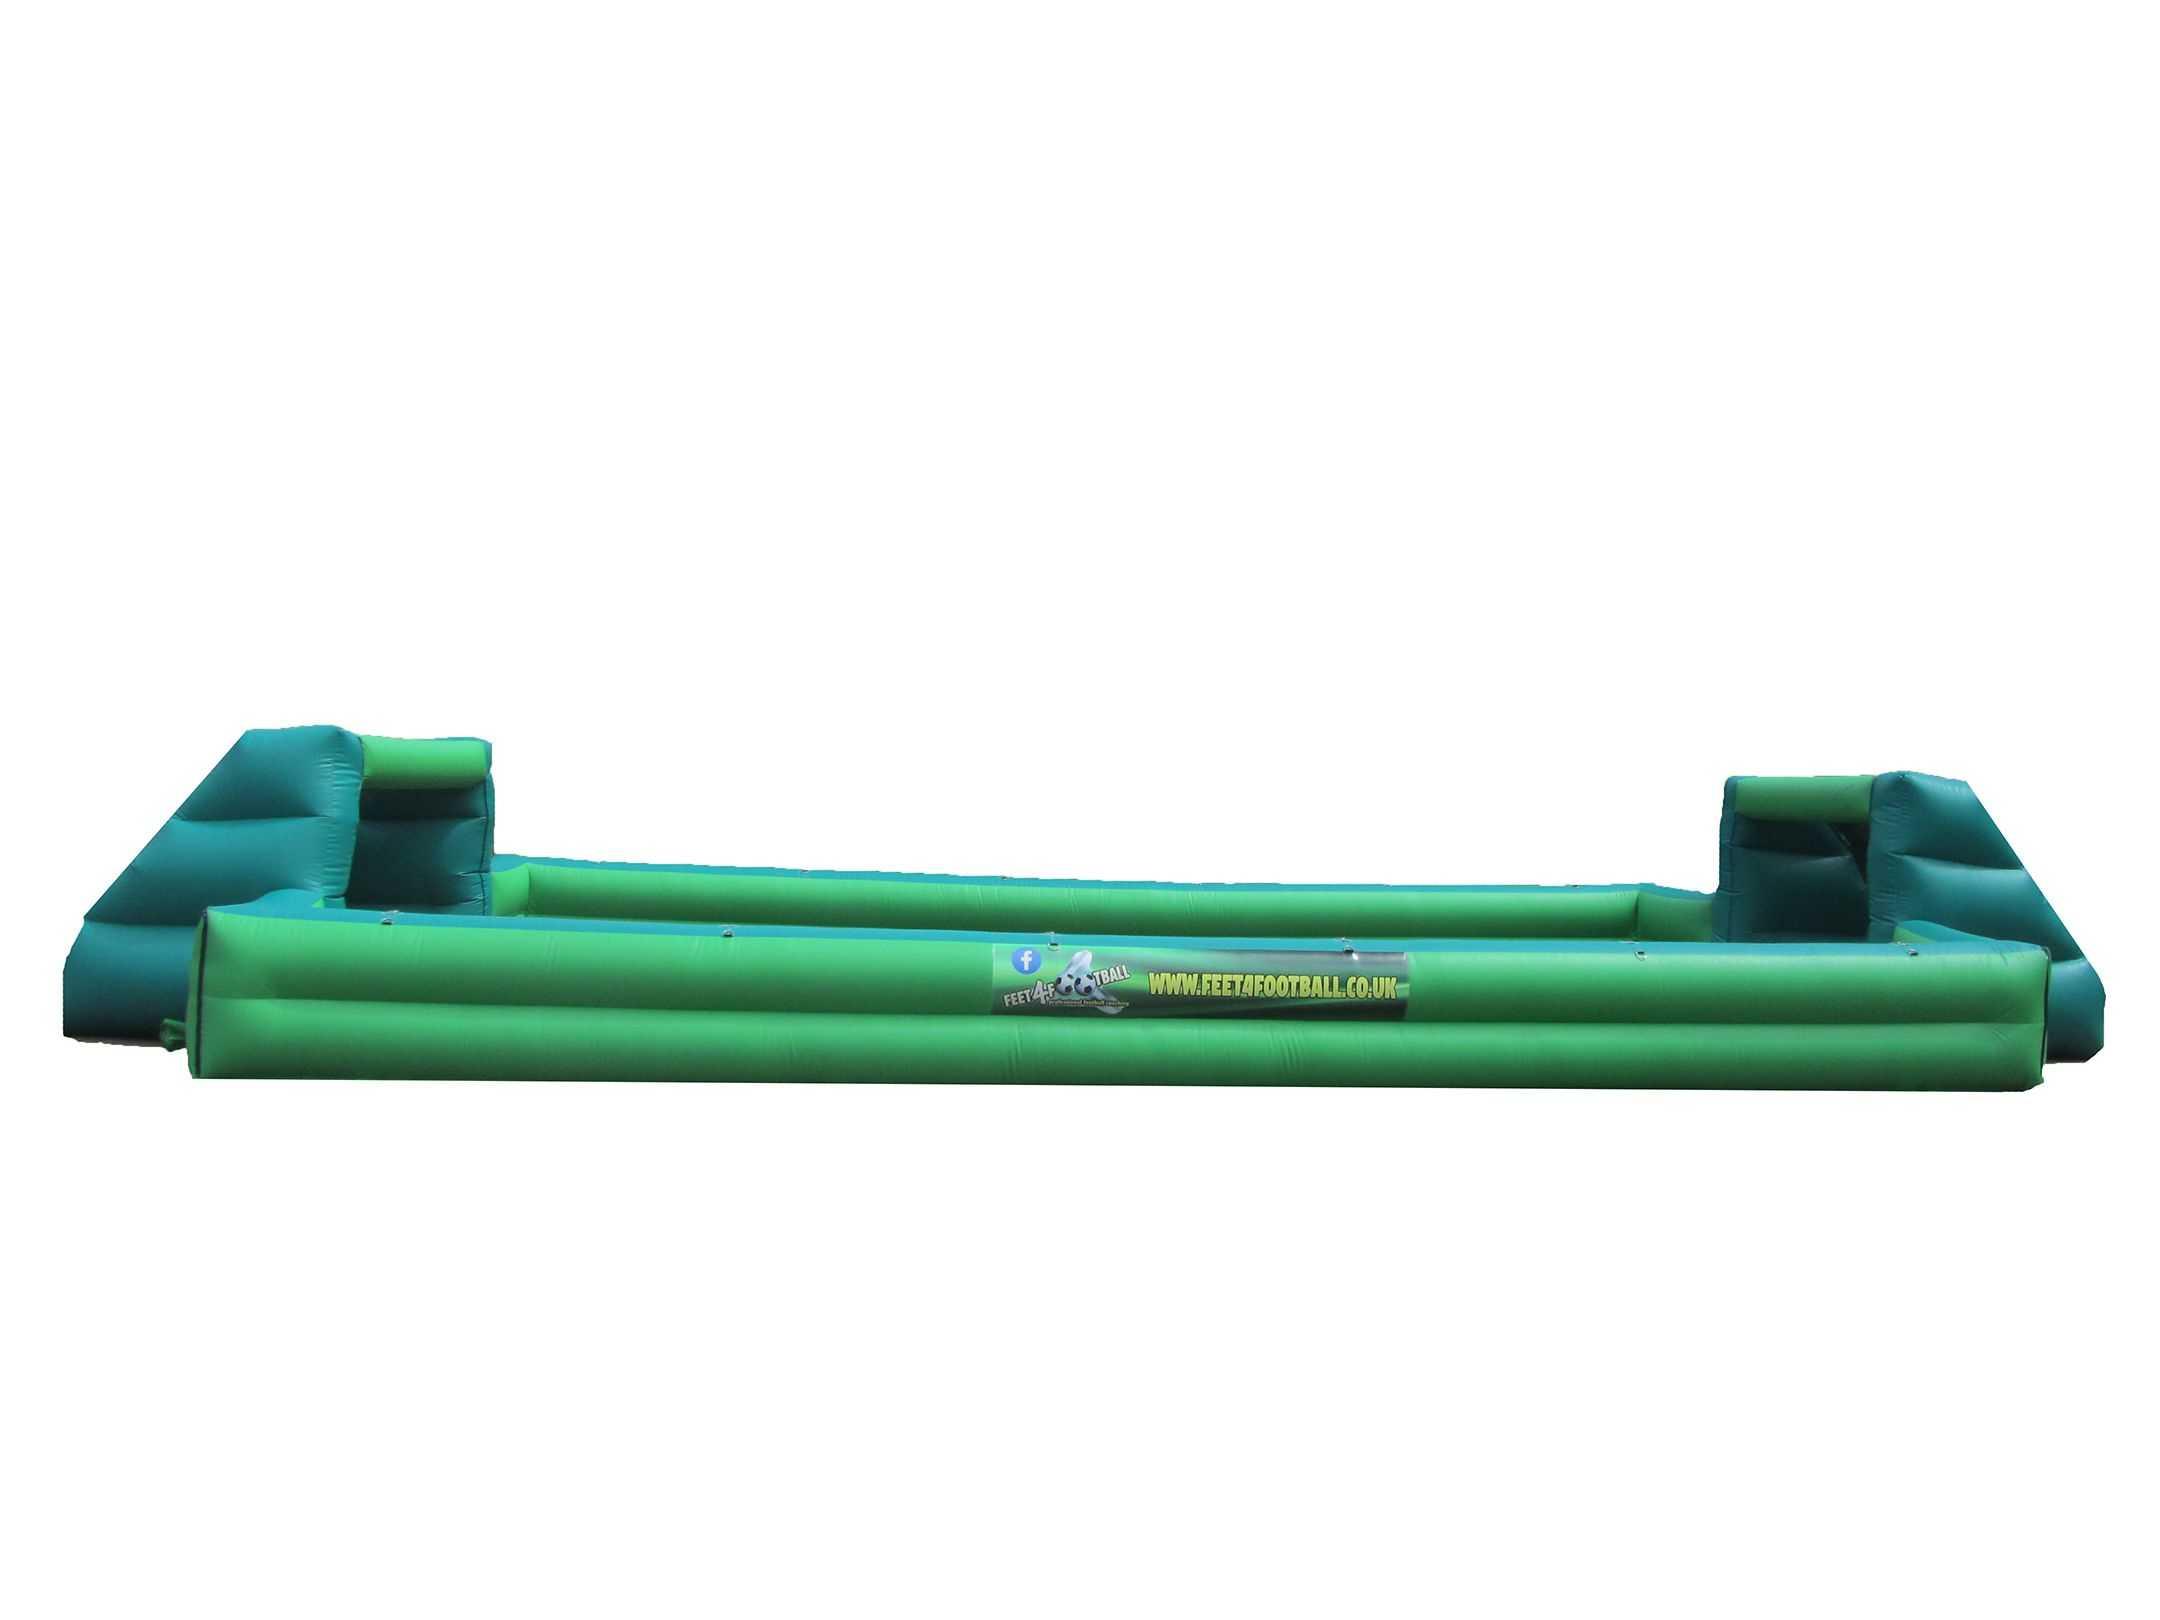 IMG 0809 compressor